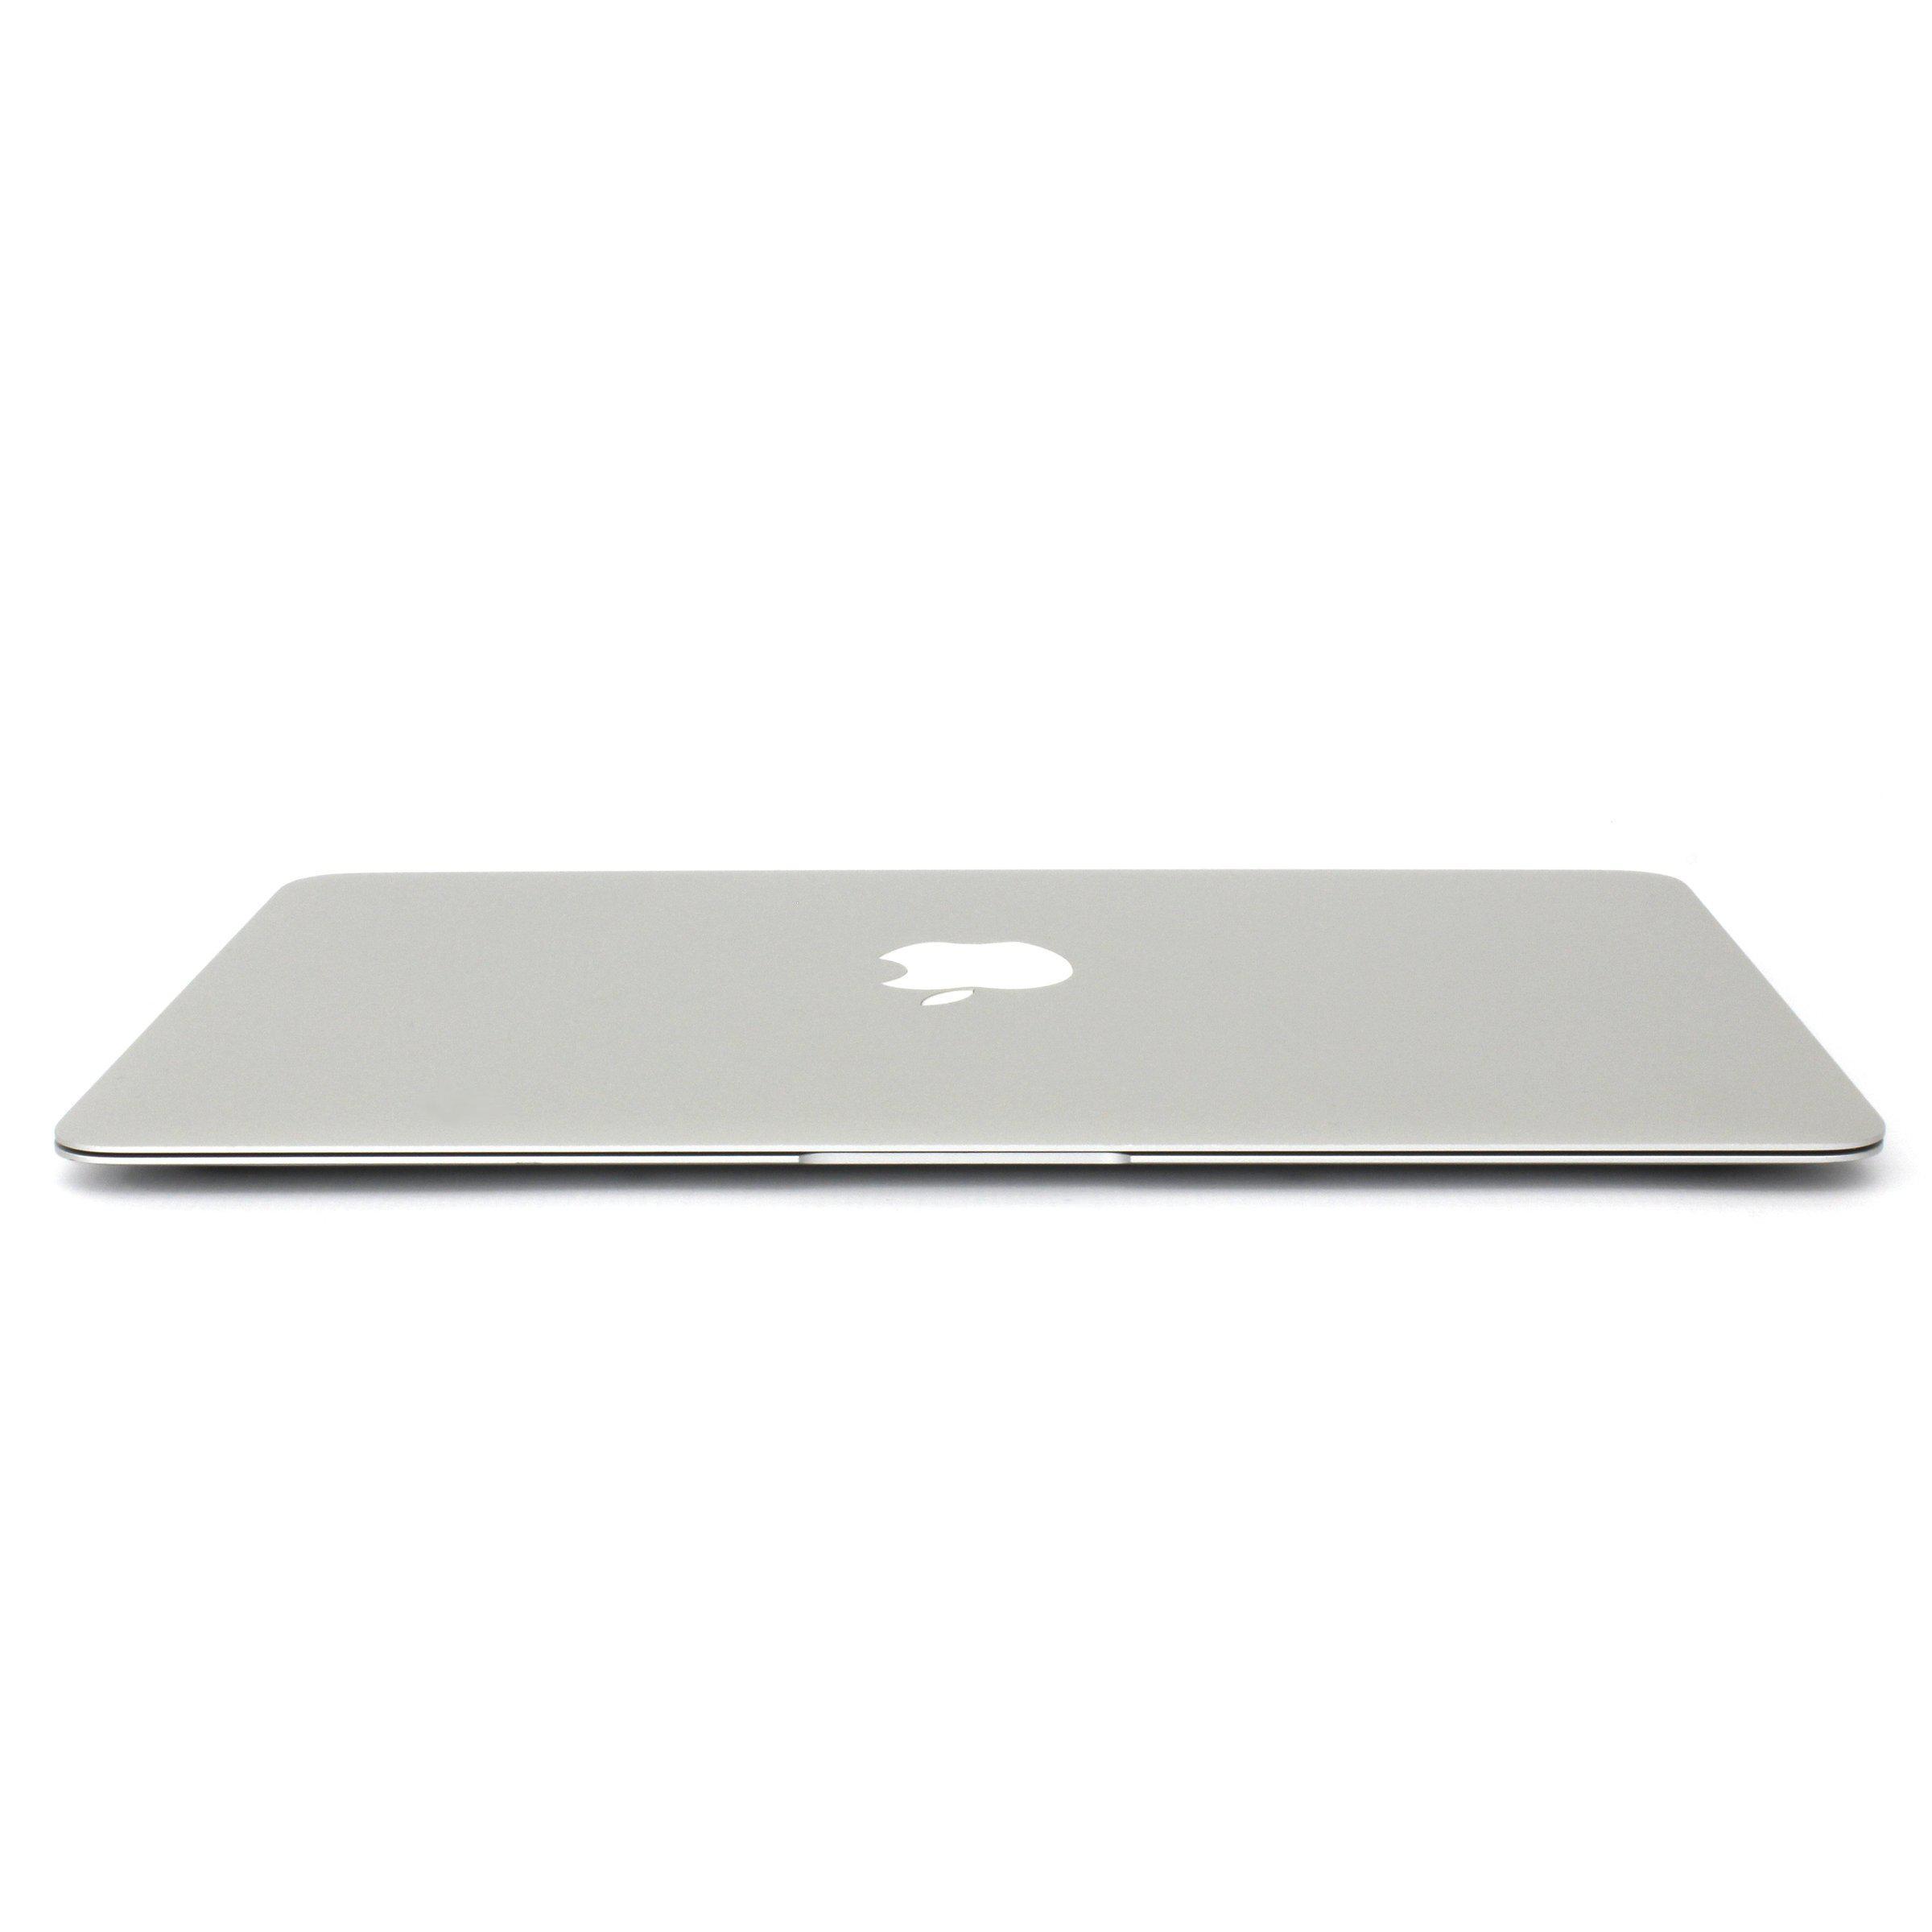 """MacBook Air 11"""" (2015) - Core i5 1,6 GHz - SSD 256 GB - 4GB - AZERTY - Französisch"""